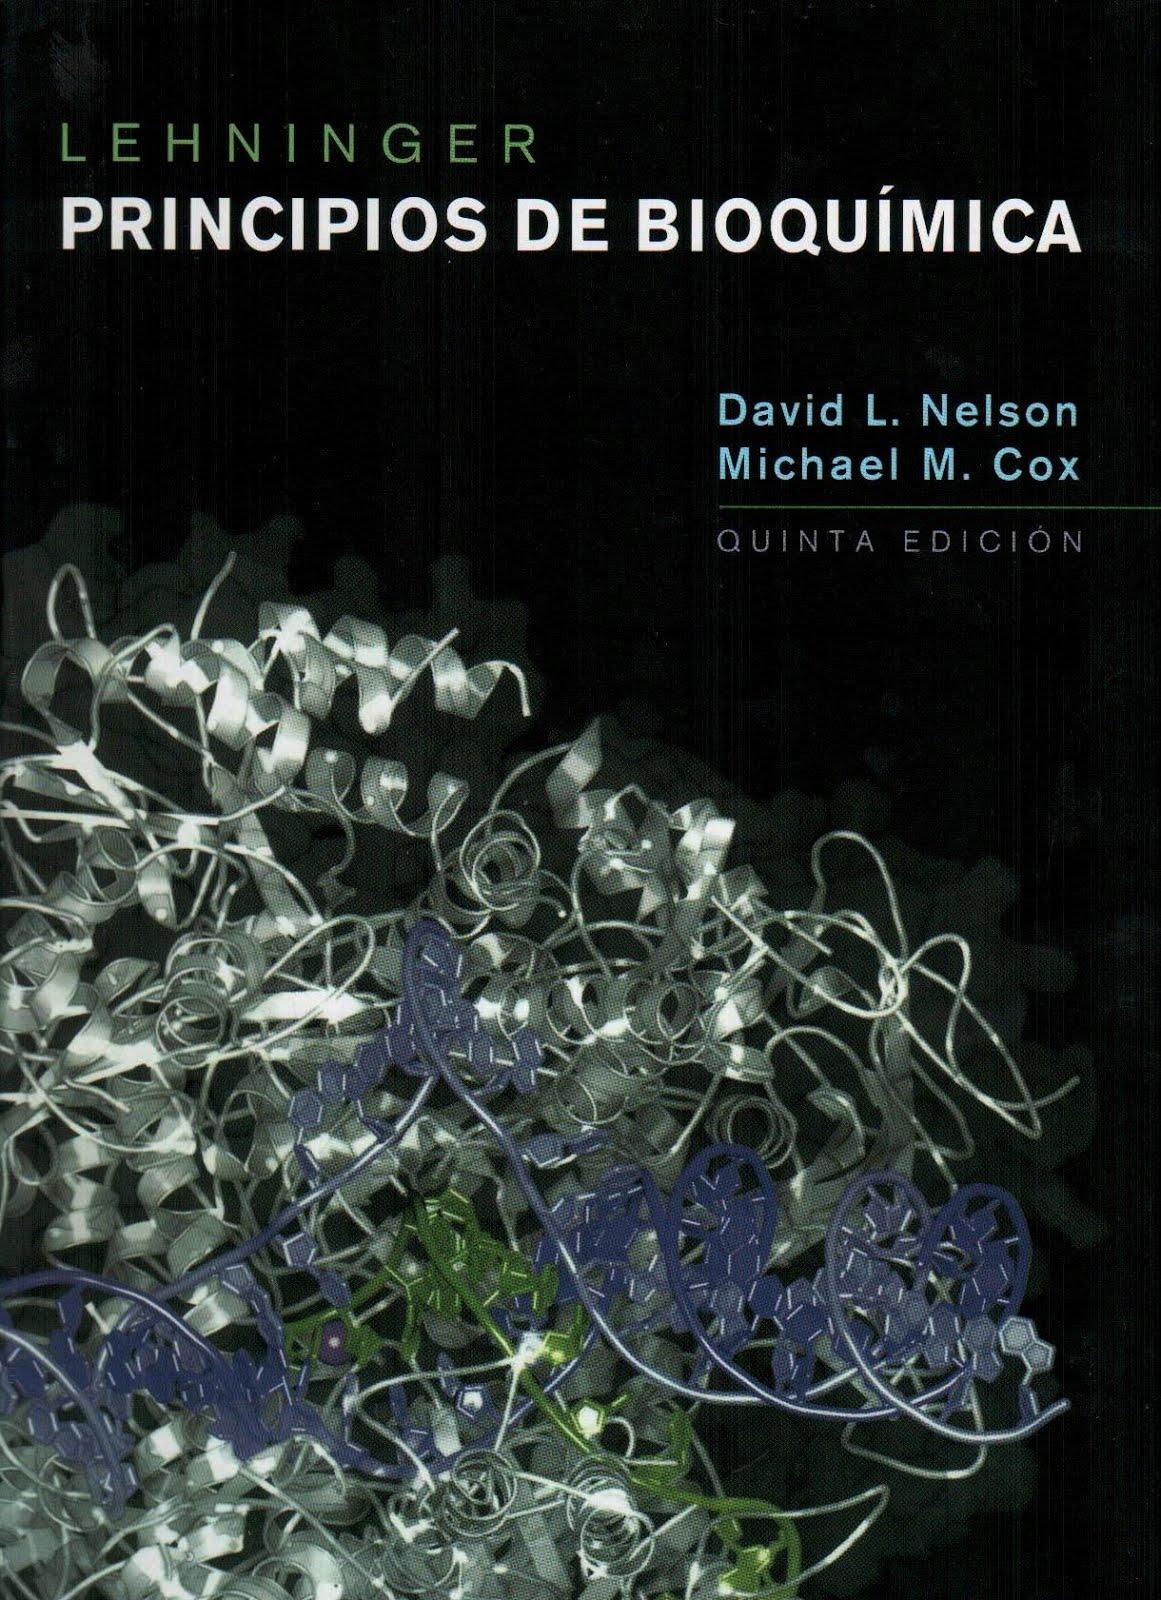 Apuntes de Medicina: Bioquímica Lehninger 5ta. Ed. Descargar PDF